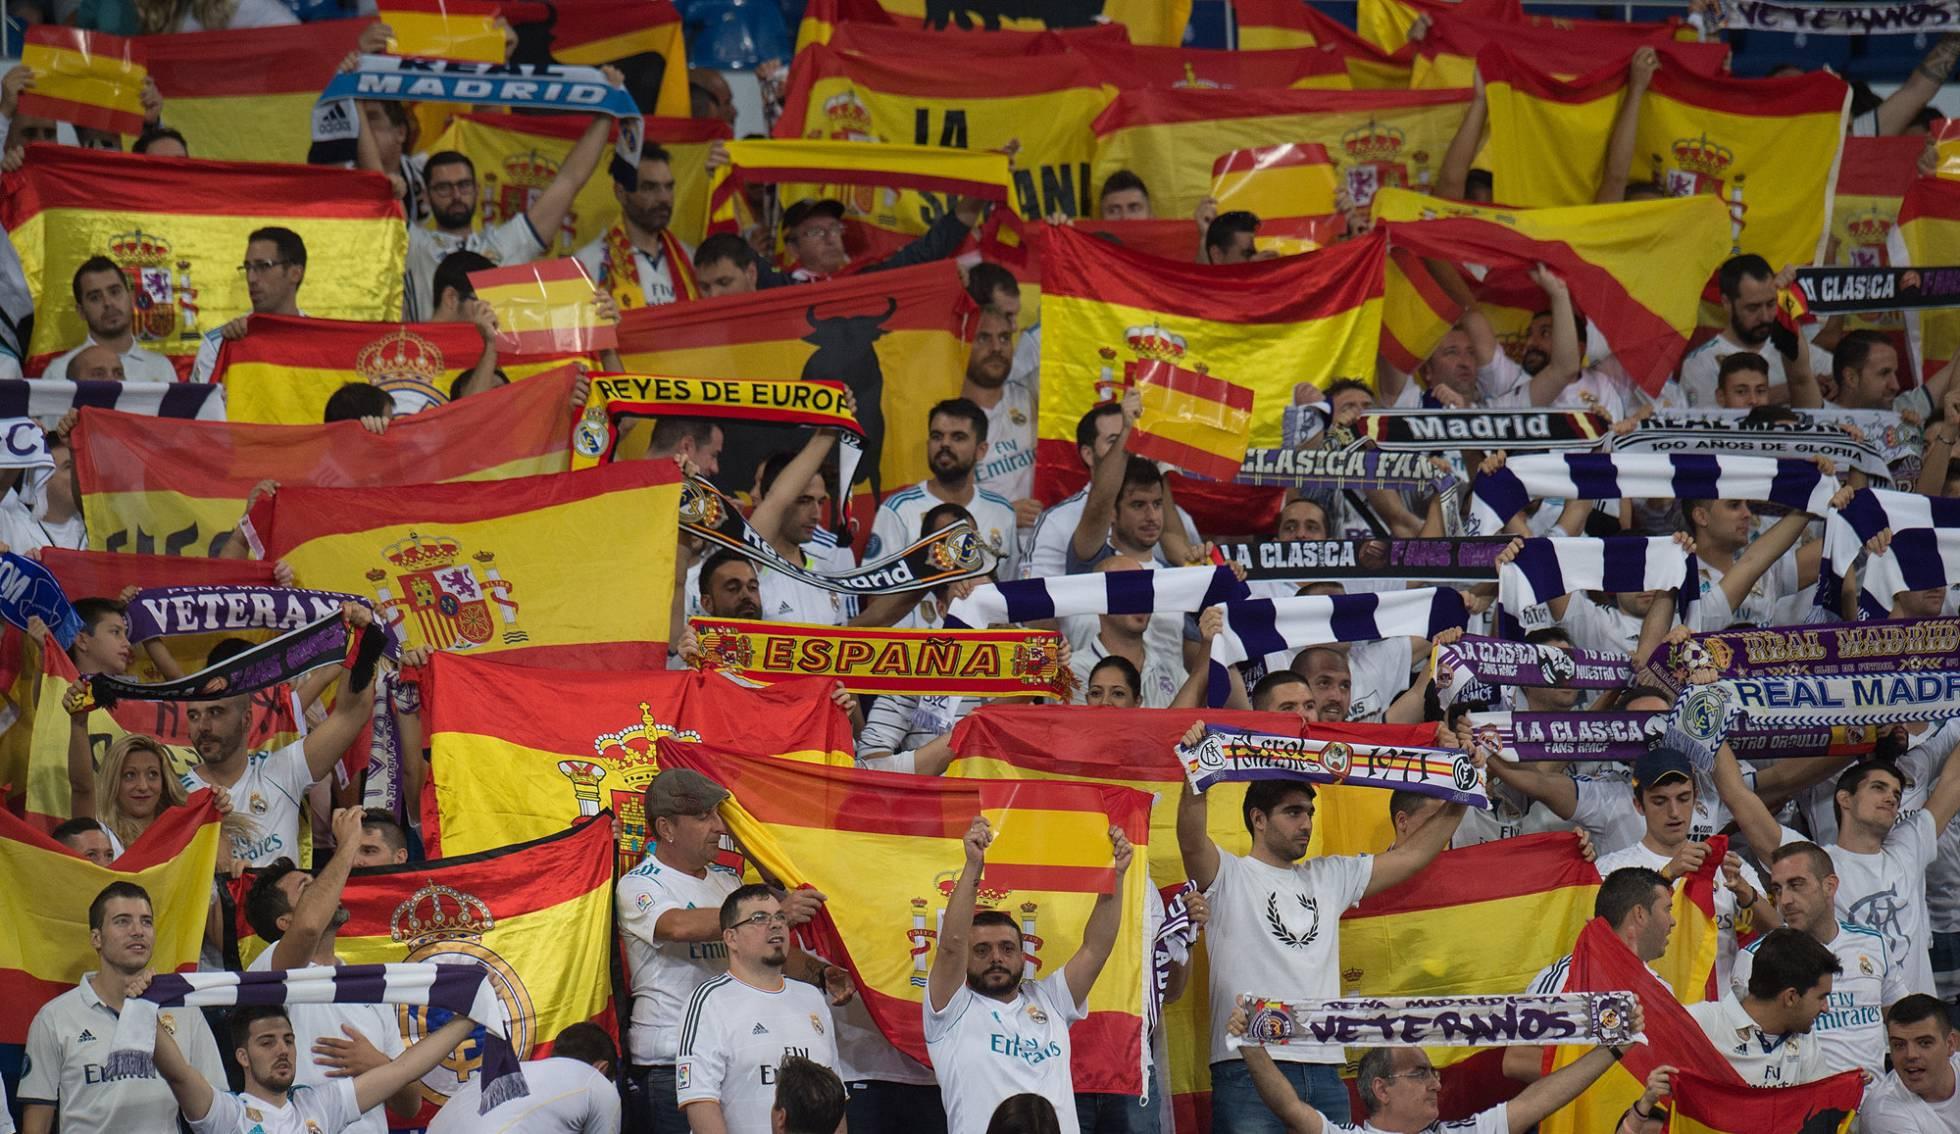 El Santiago Bernabeu estuvo repleto de banderas apoyando a España